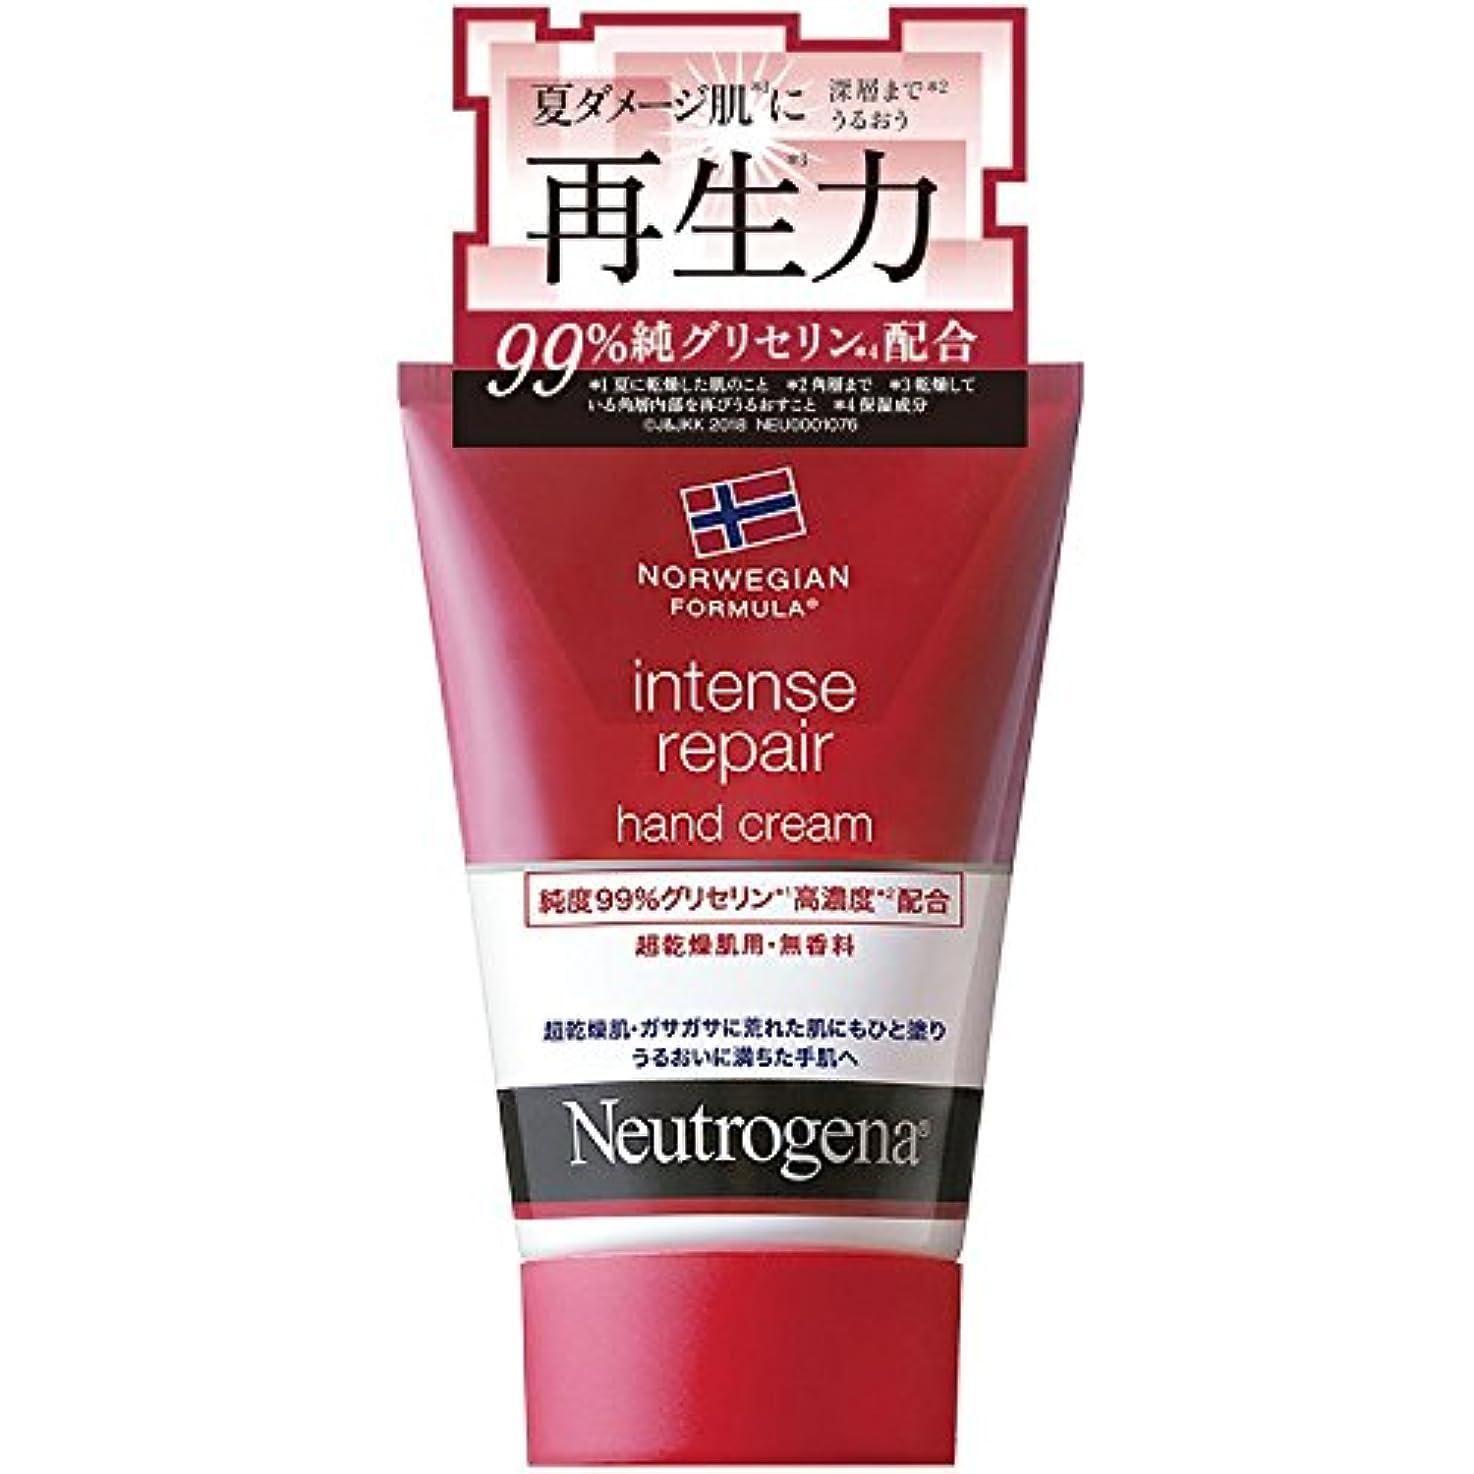 機転粘着性確かなNeutrogena(ニュートロジーナ) ノルウェーフォーミュラ インテンスリペア ハンドクリーム 超乾燥肌用 無香料 単品 50g